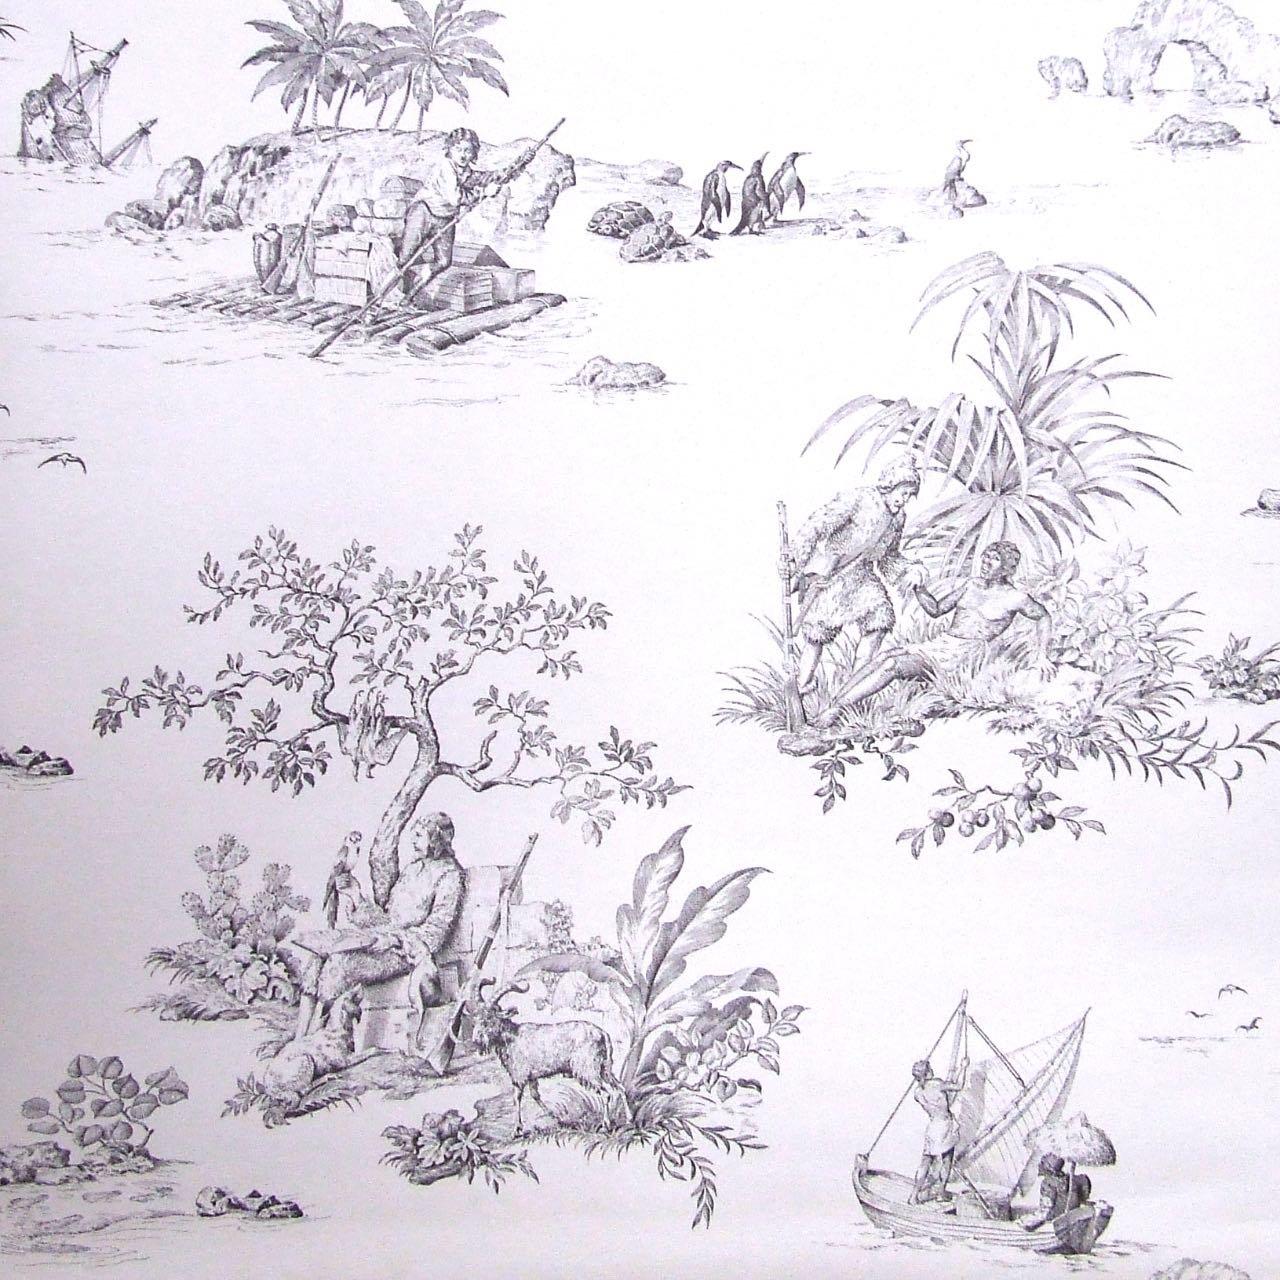 フランス壁紙 1ロール(10m) トワル・ド・ジュイ デザイン 《ロビンソン・クルーソー》 ブラック